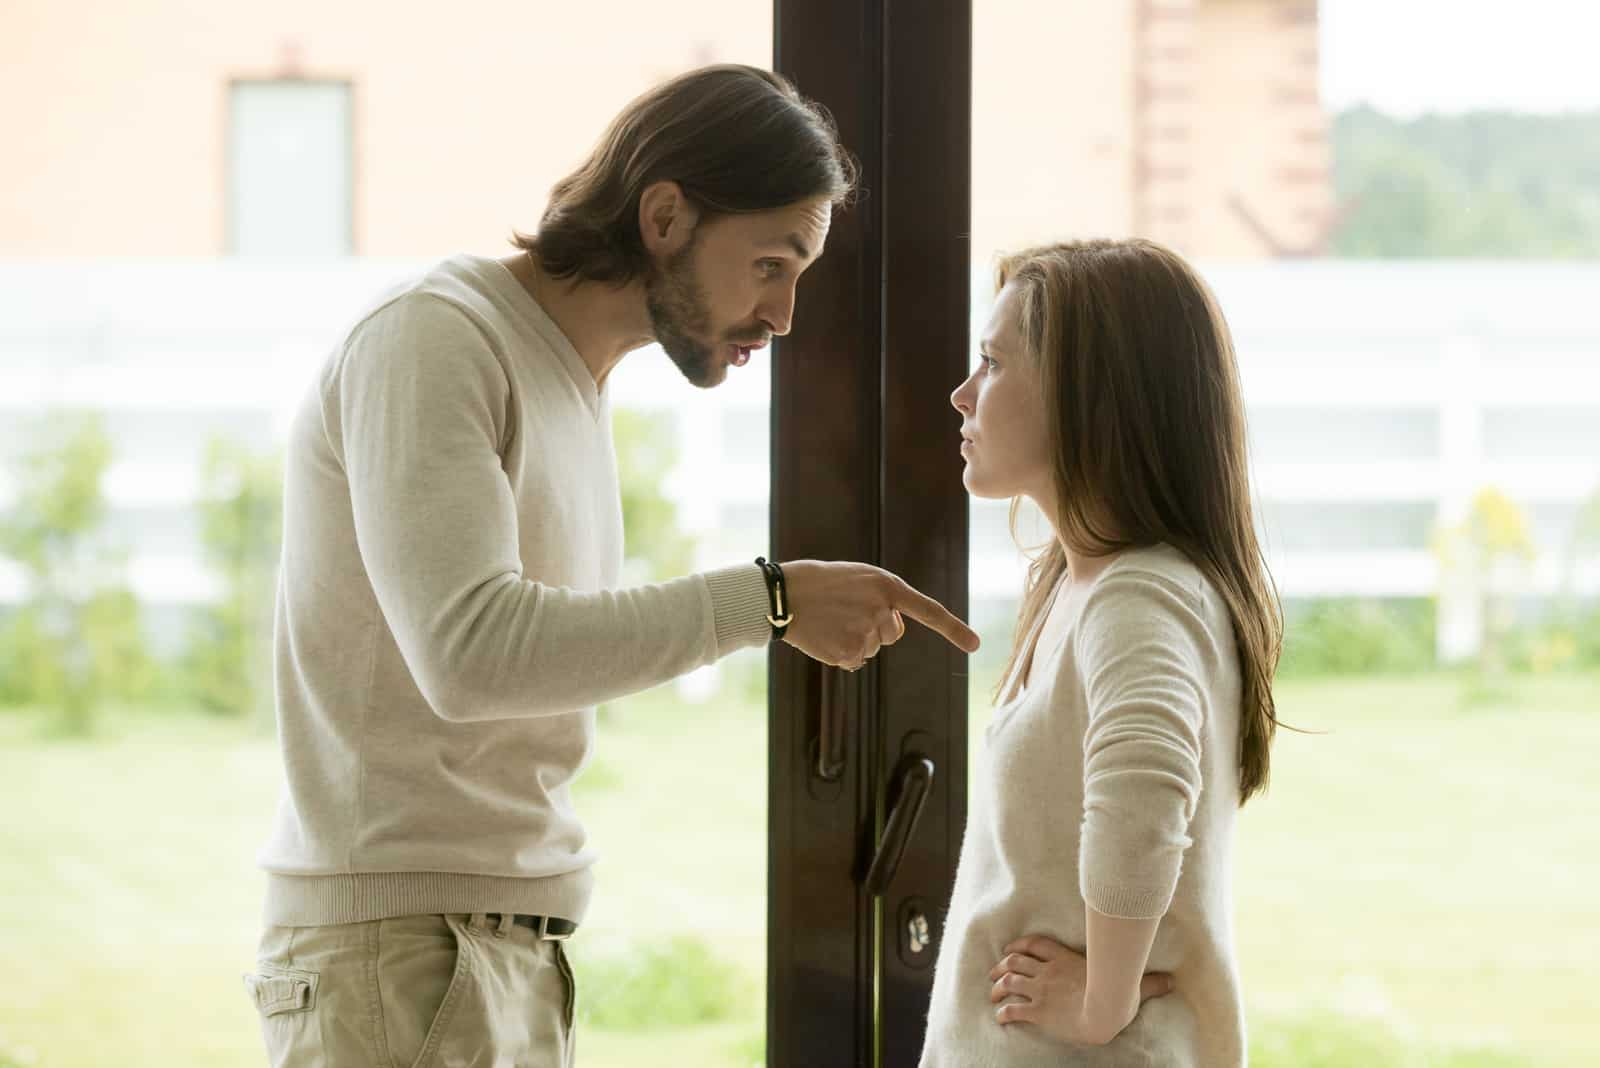 un homme et une femme se tiennent près de la fenêtre alors qu'il lui crie dessus